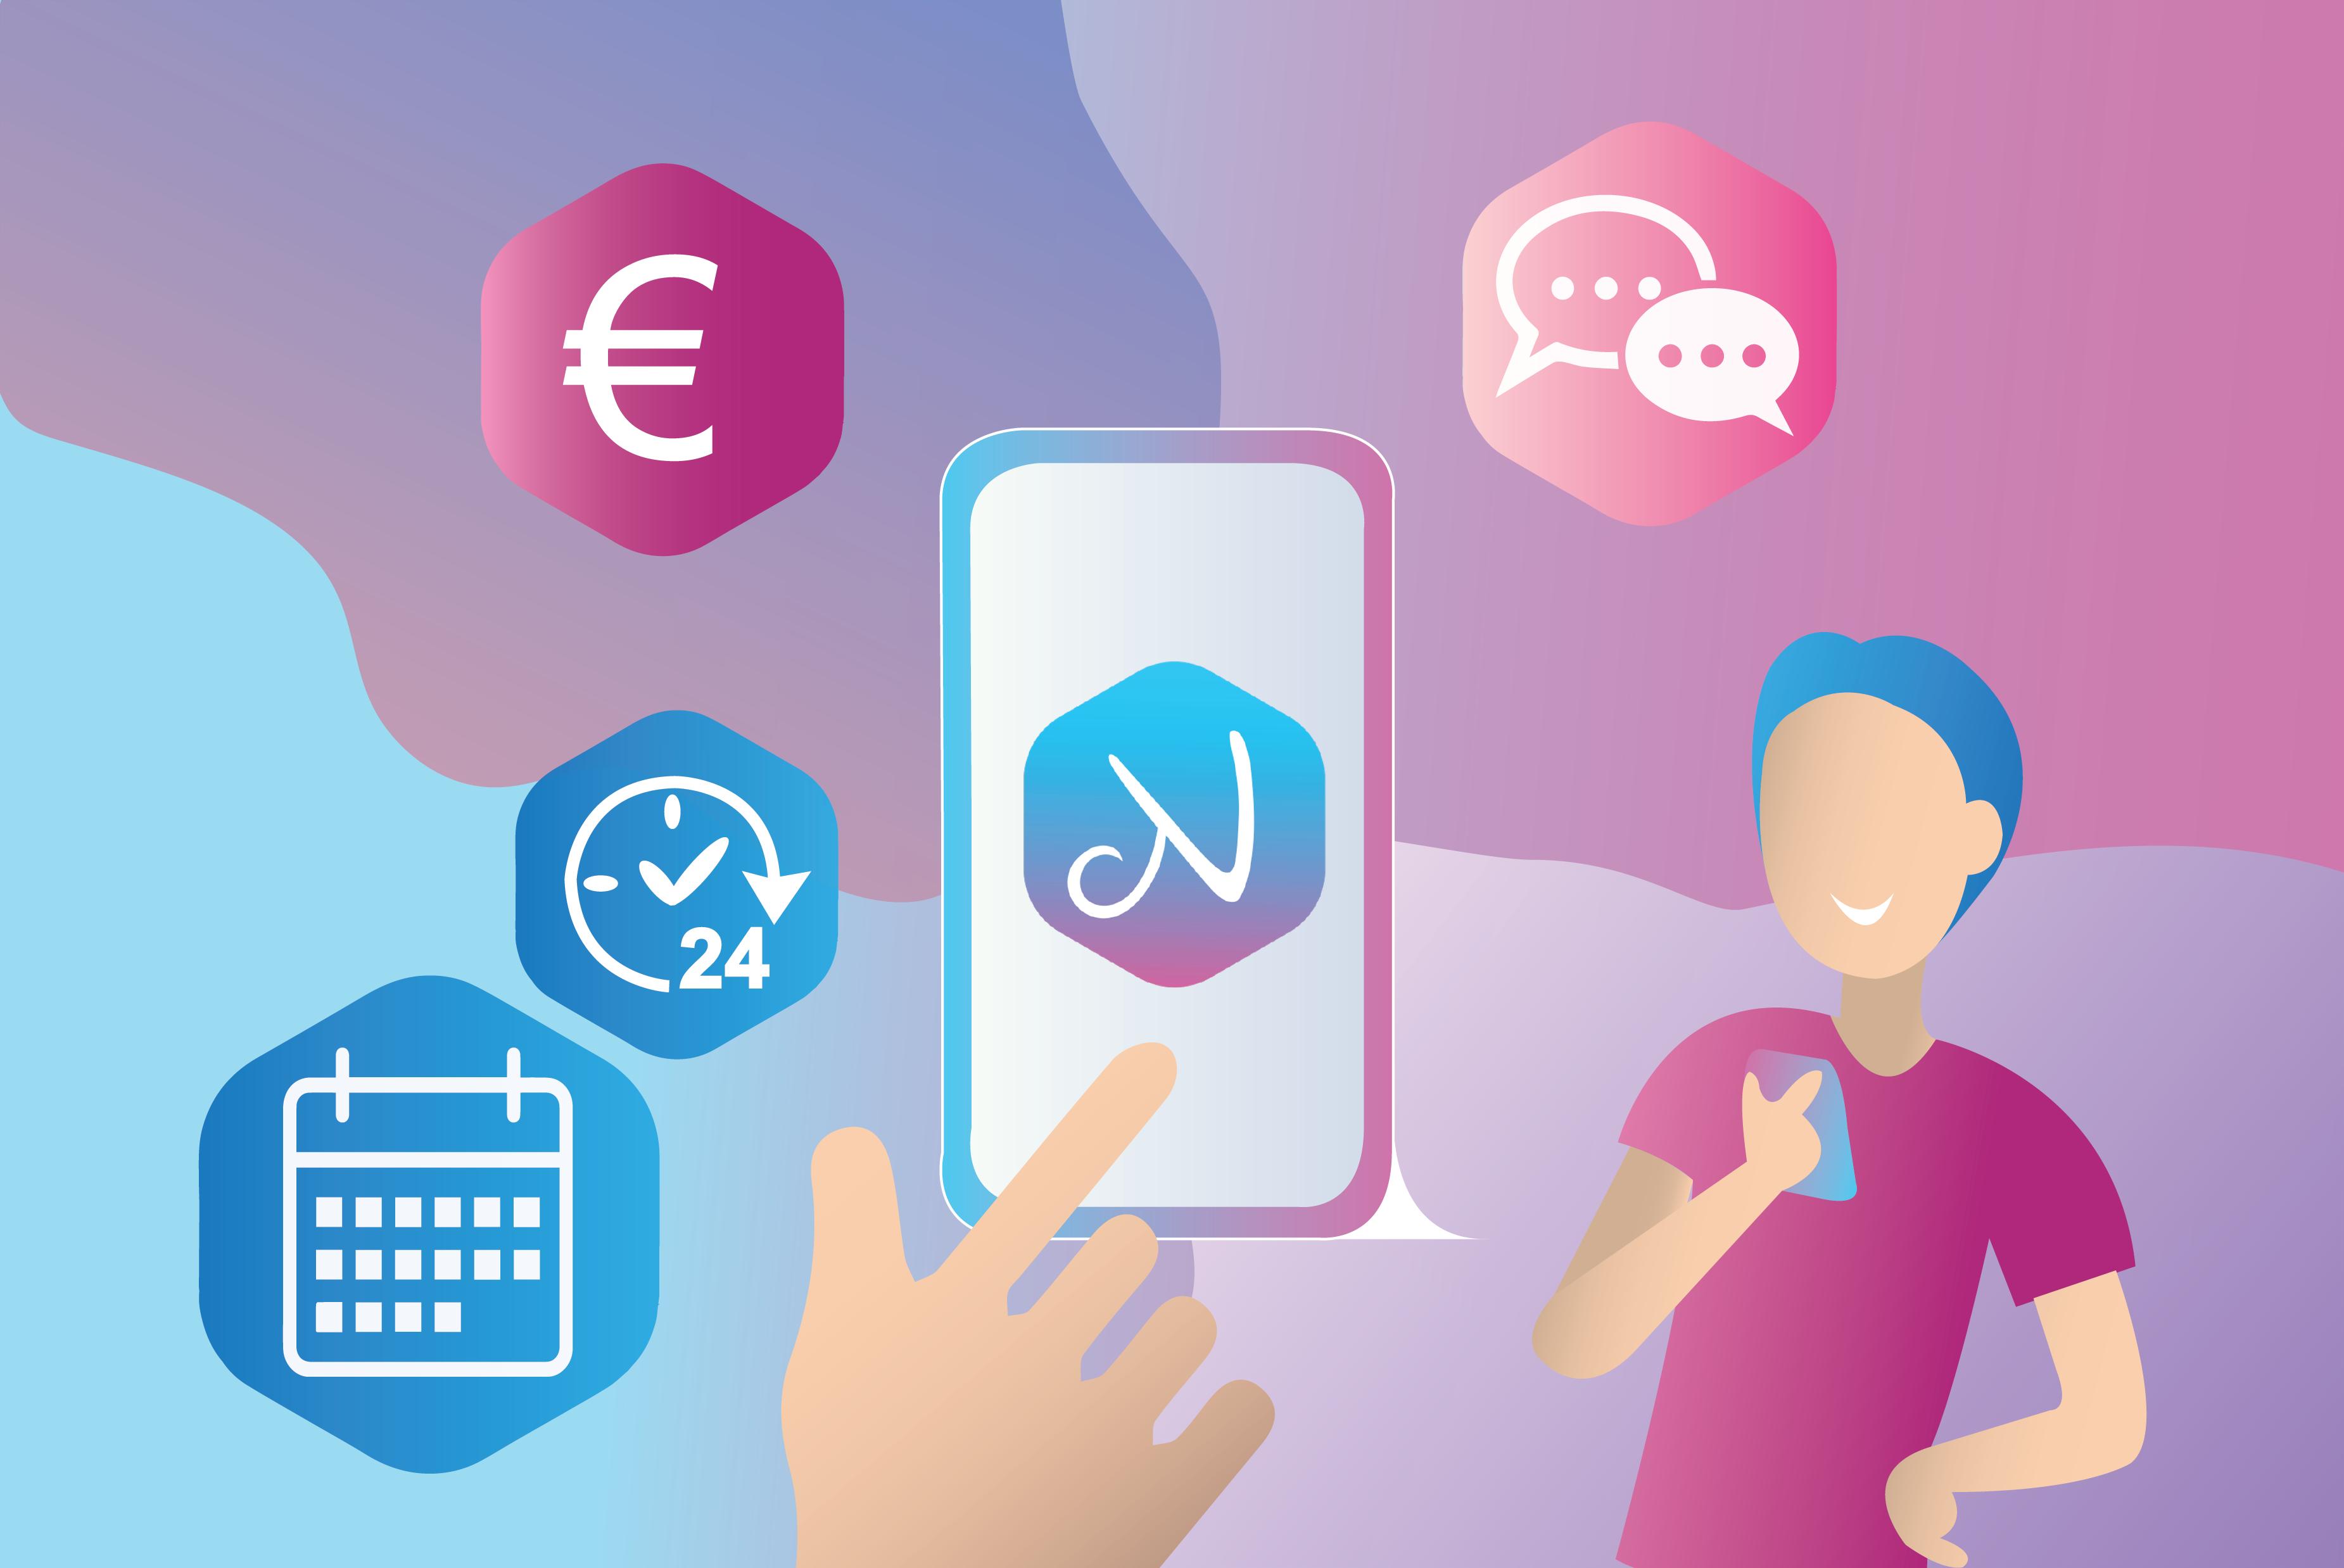 Illustration eines Handys mit dem nannyly Logo und den Features der App.